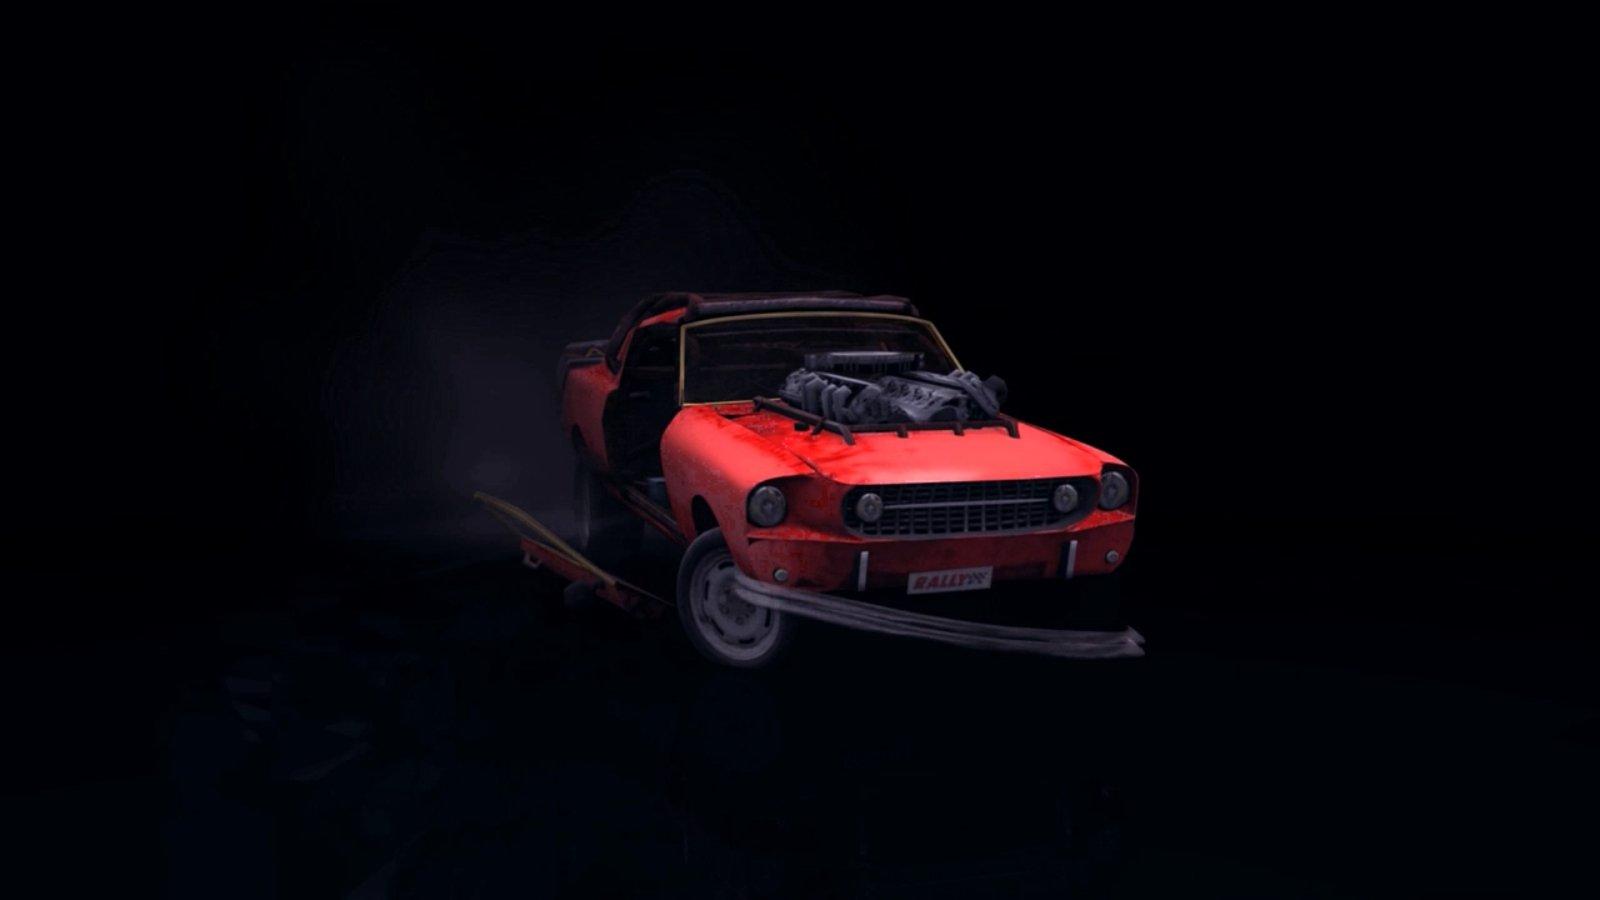 Engine Roar - Изображение 4